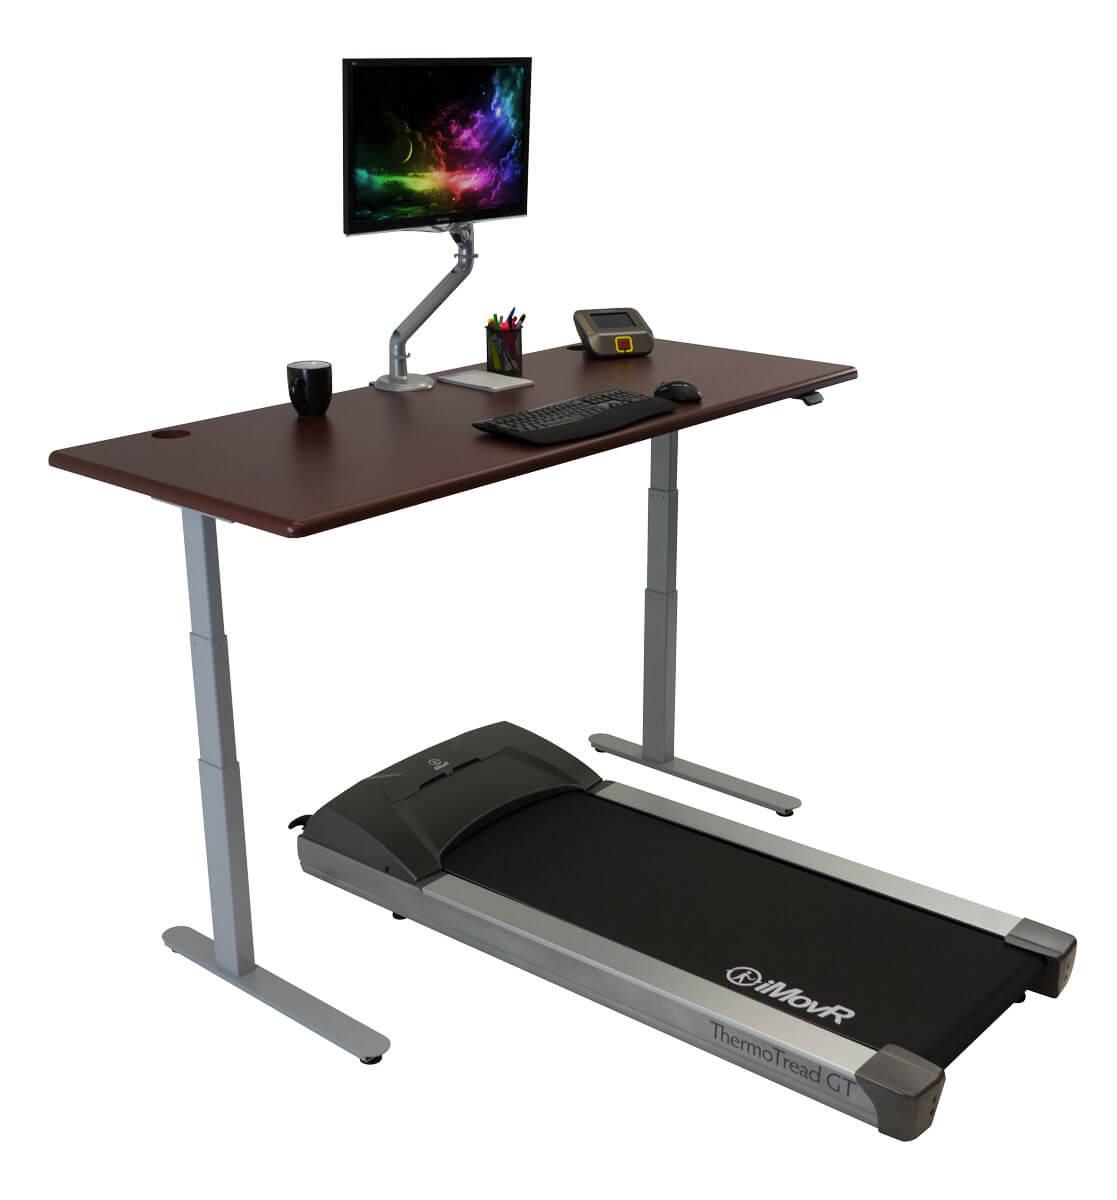 iMoVR Lander Treadmill Desk